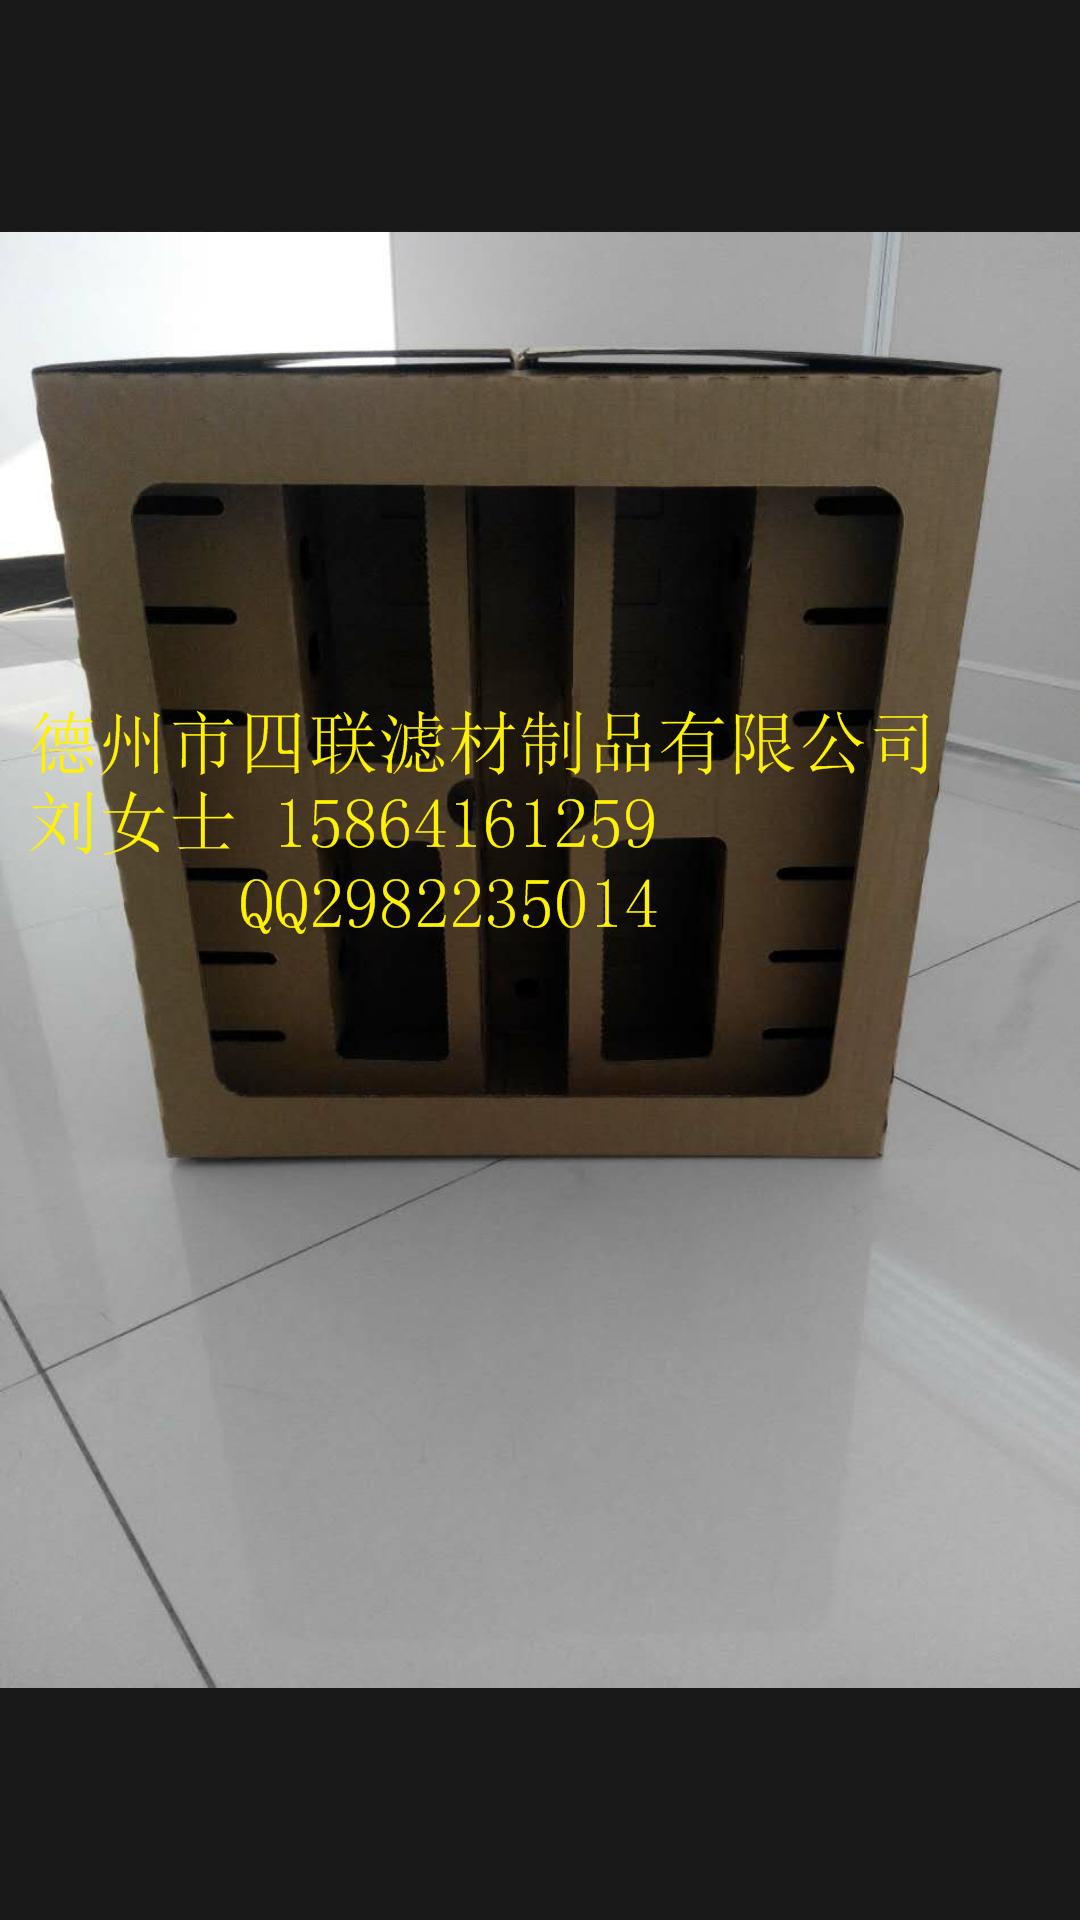 供应干式喷漆房油漆过滤纸箱 山东生产厂家